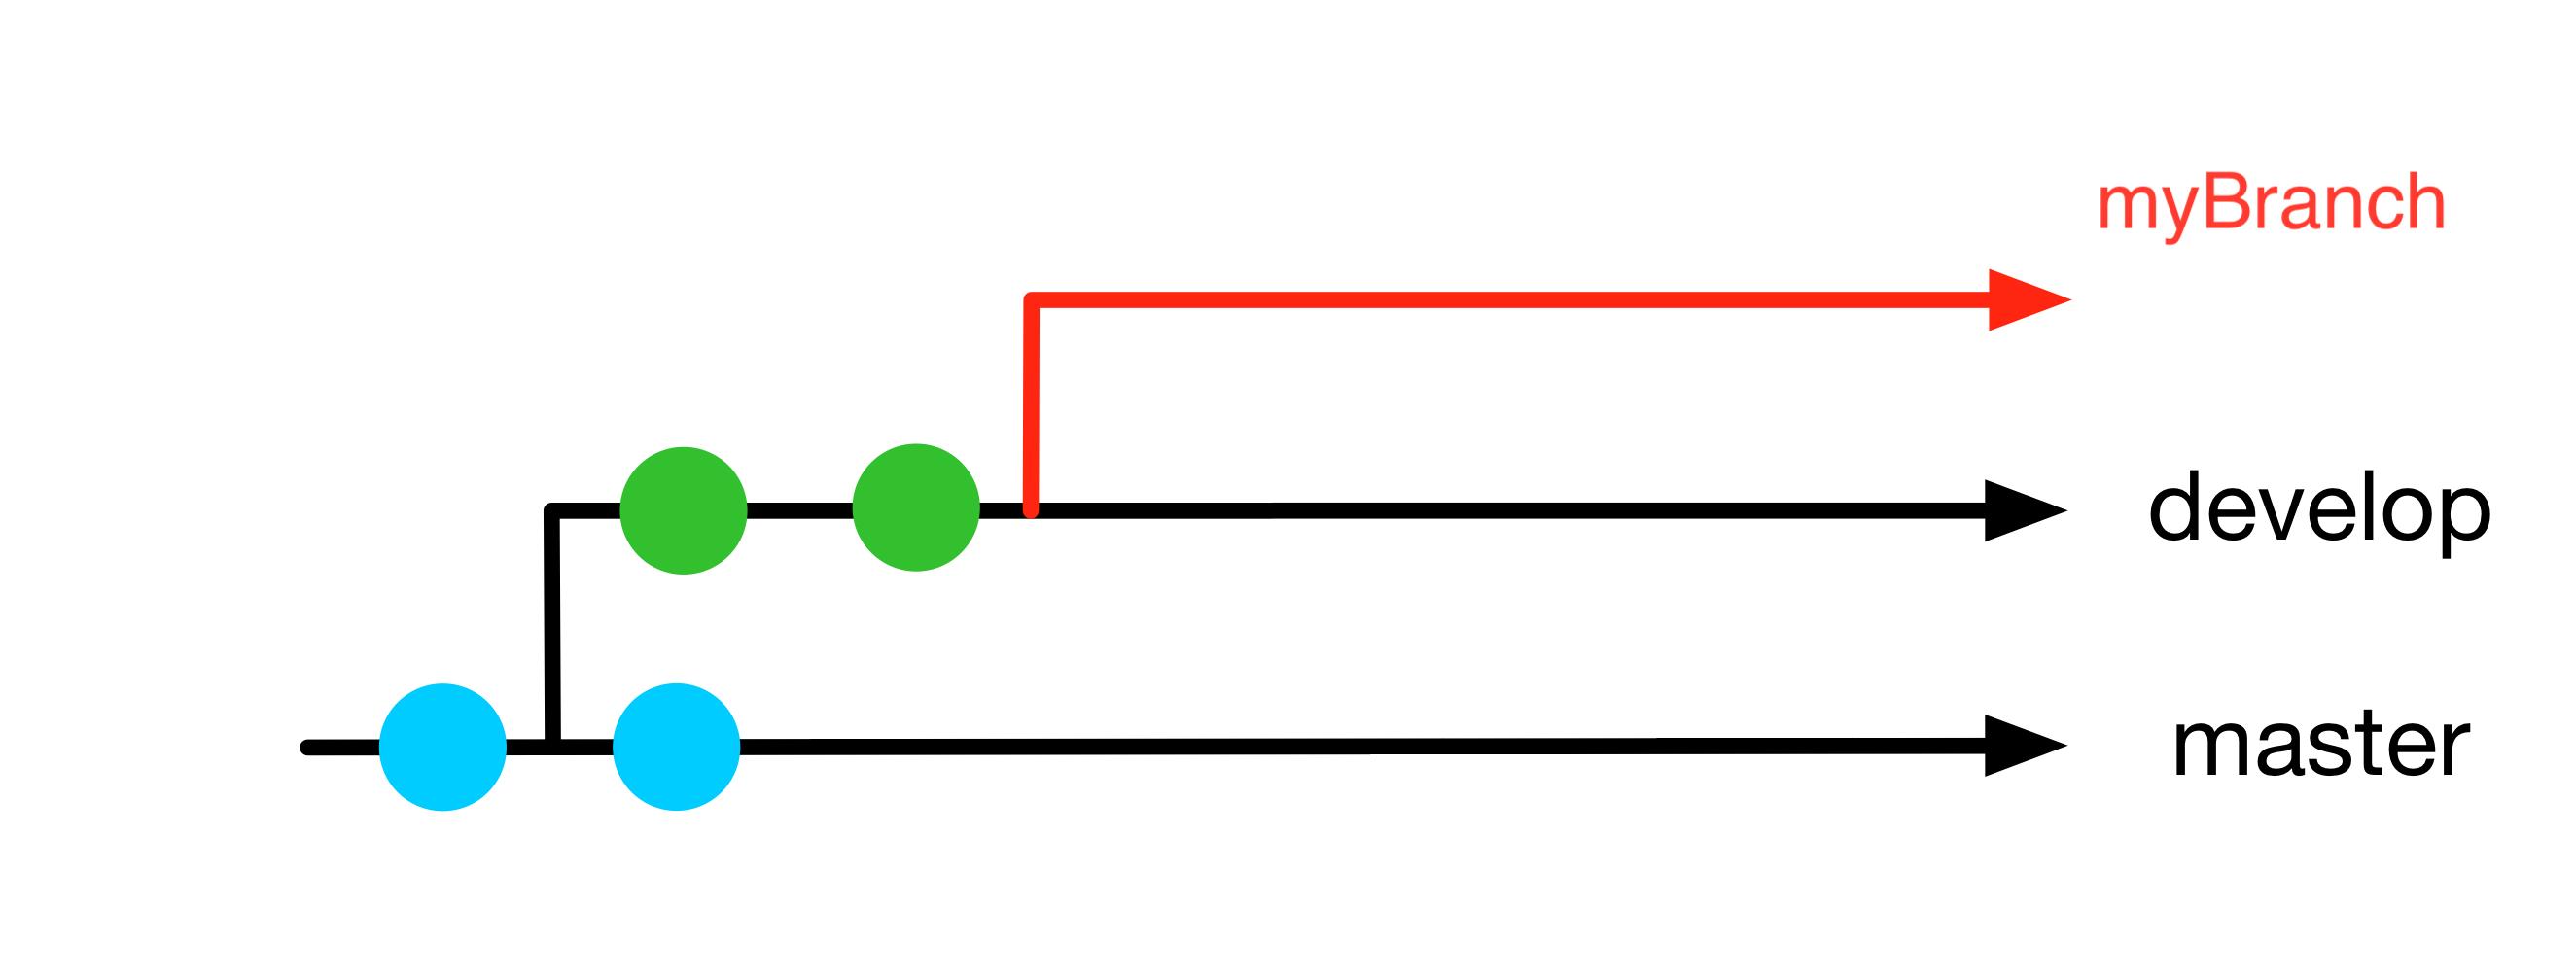 2021/2021-03-18_basicGitTraining/slides/img/branch-create.png